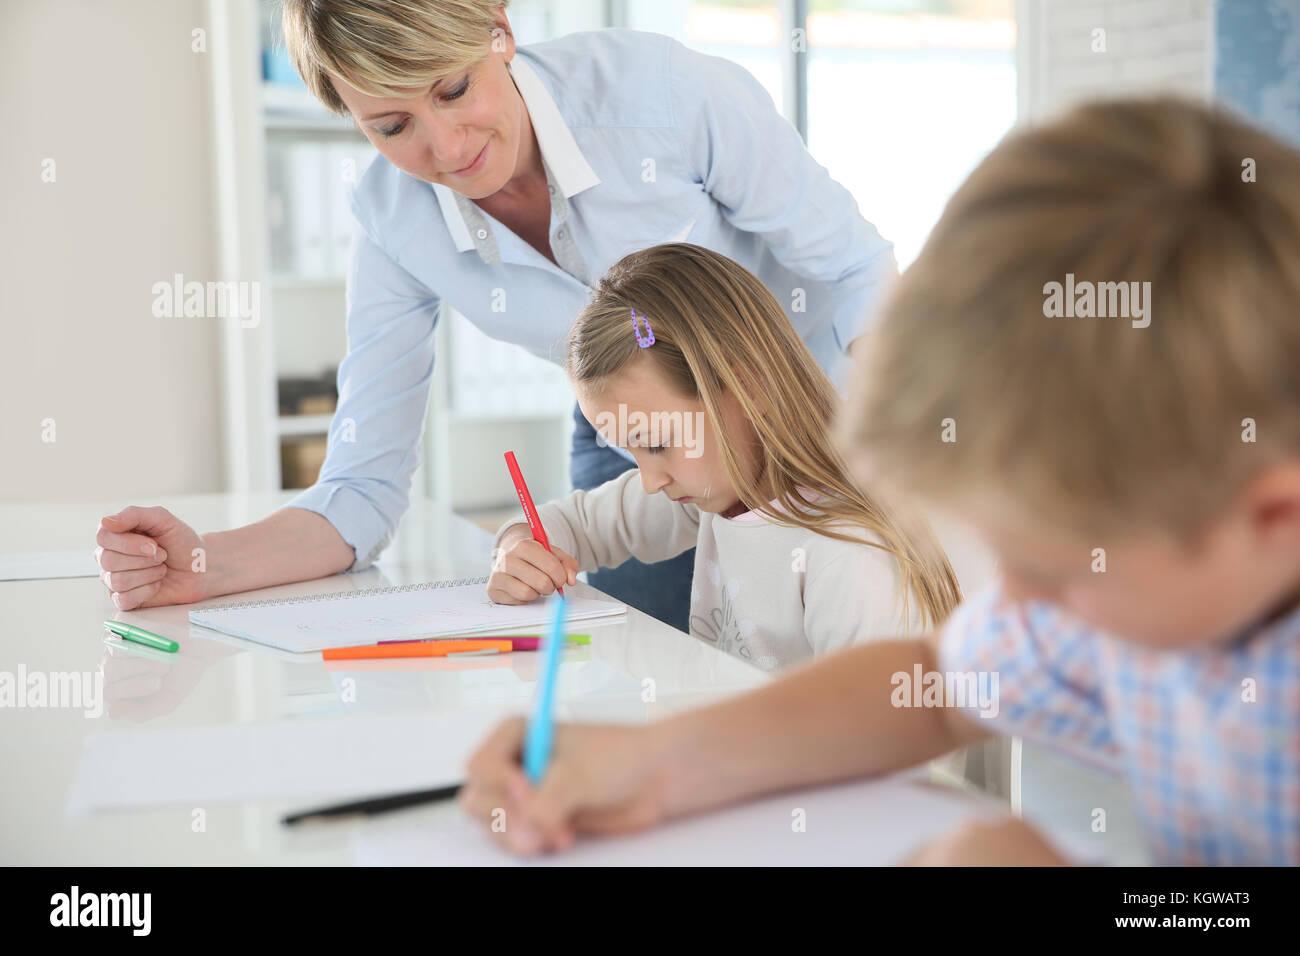 Lehrer Kinder helfen im Klassenzimmer Stockbild